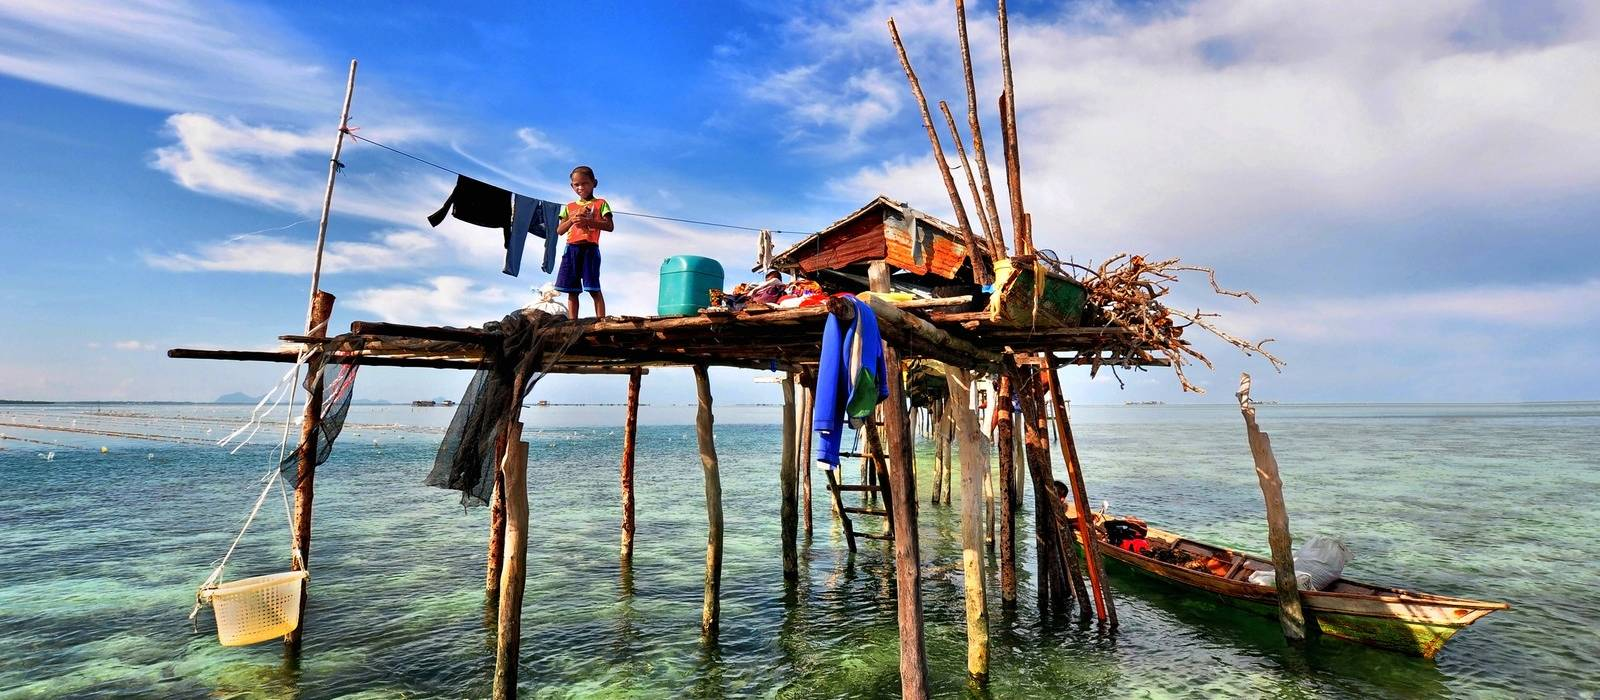 Malaysia abseits ausgetretener Pfade – die Dschungel und Strände von Sabah Urlaub 1